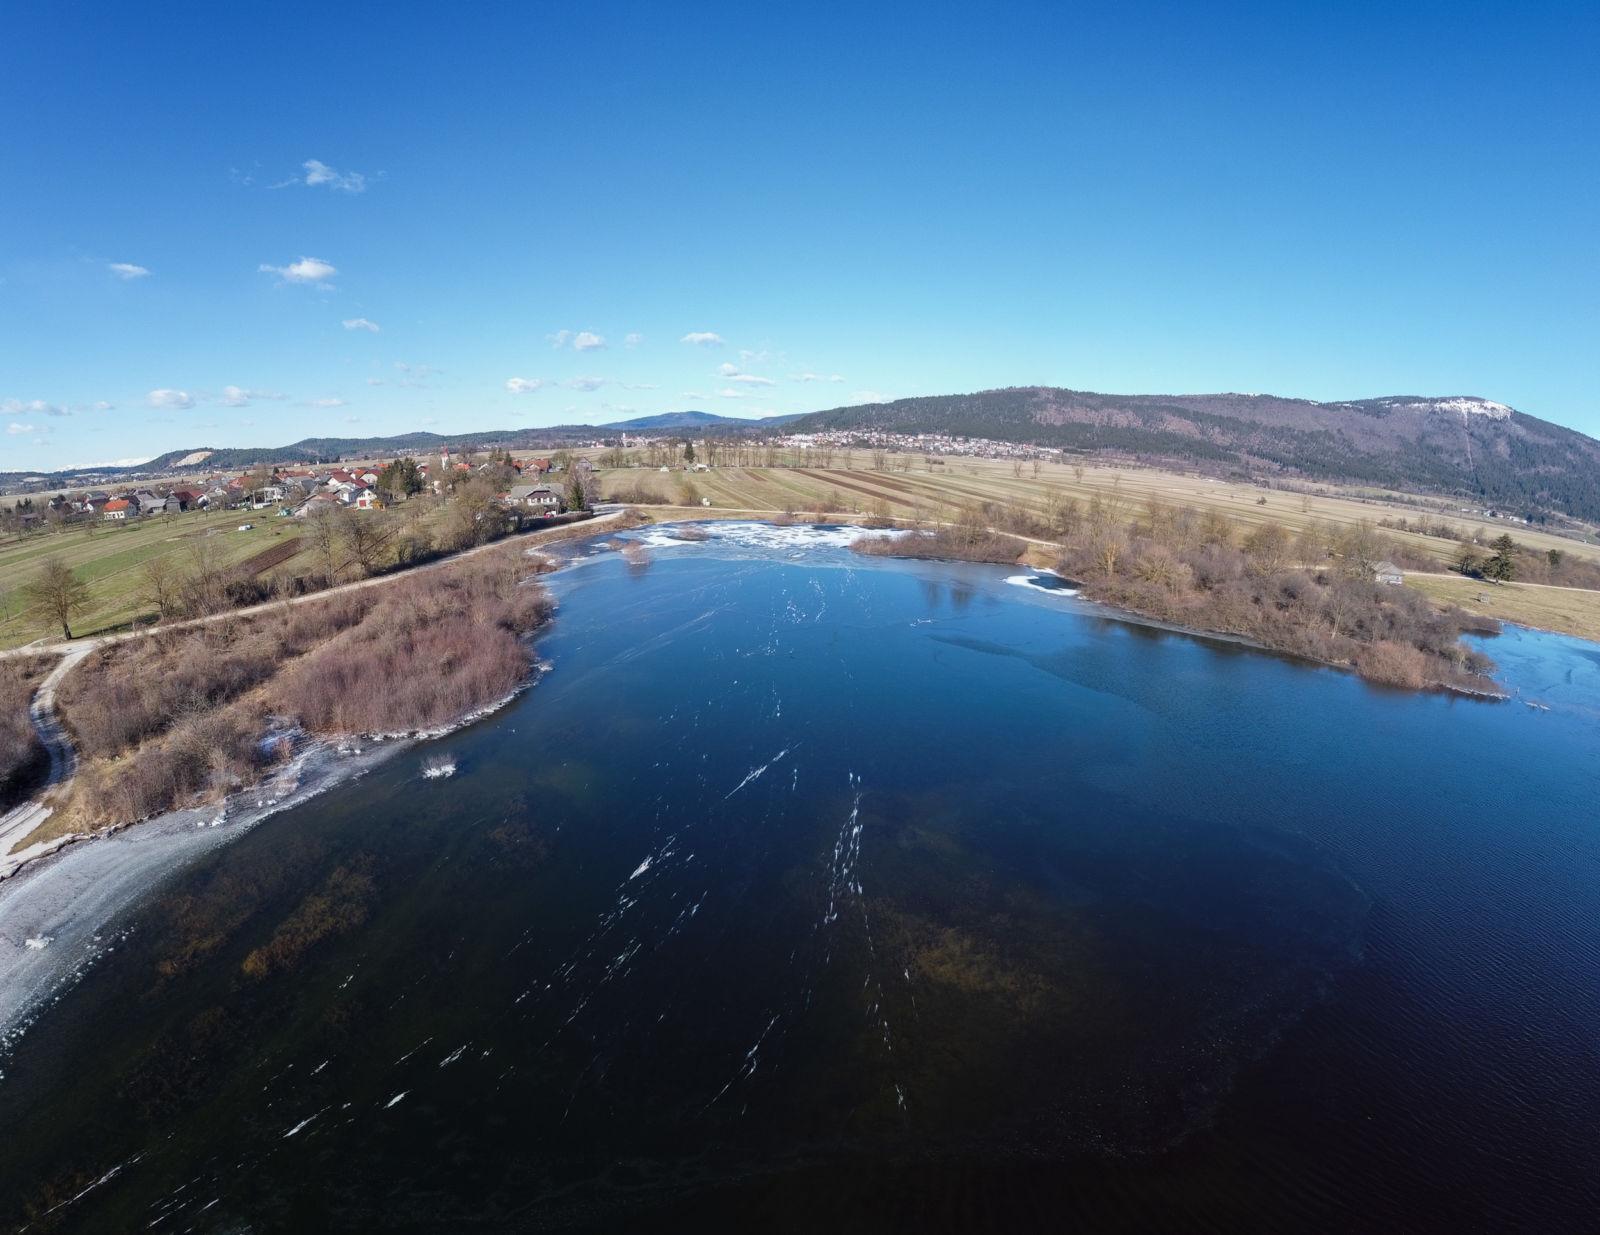 Rešeto iz zraka - poplava - Cerkniško jezero